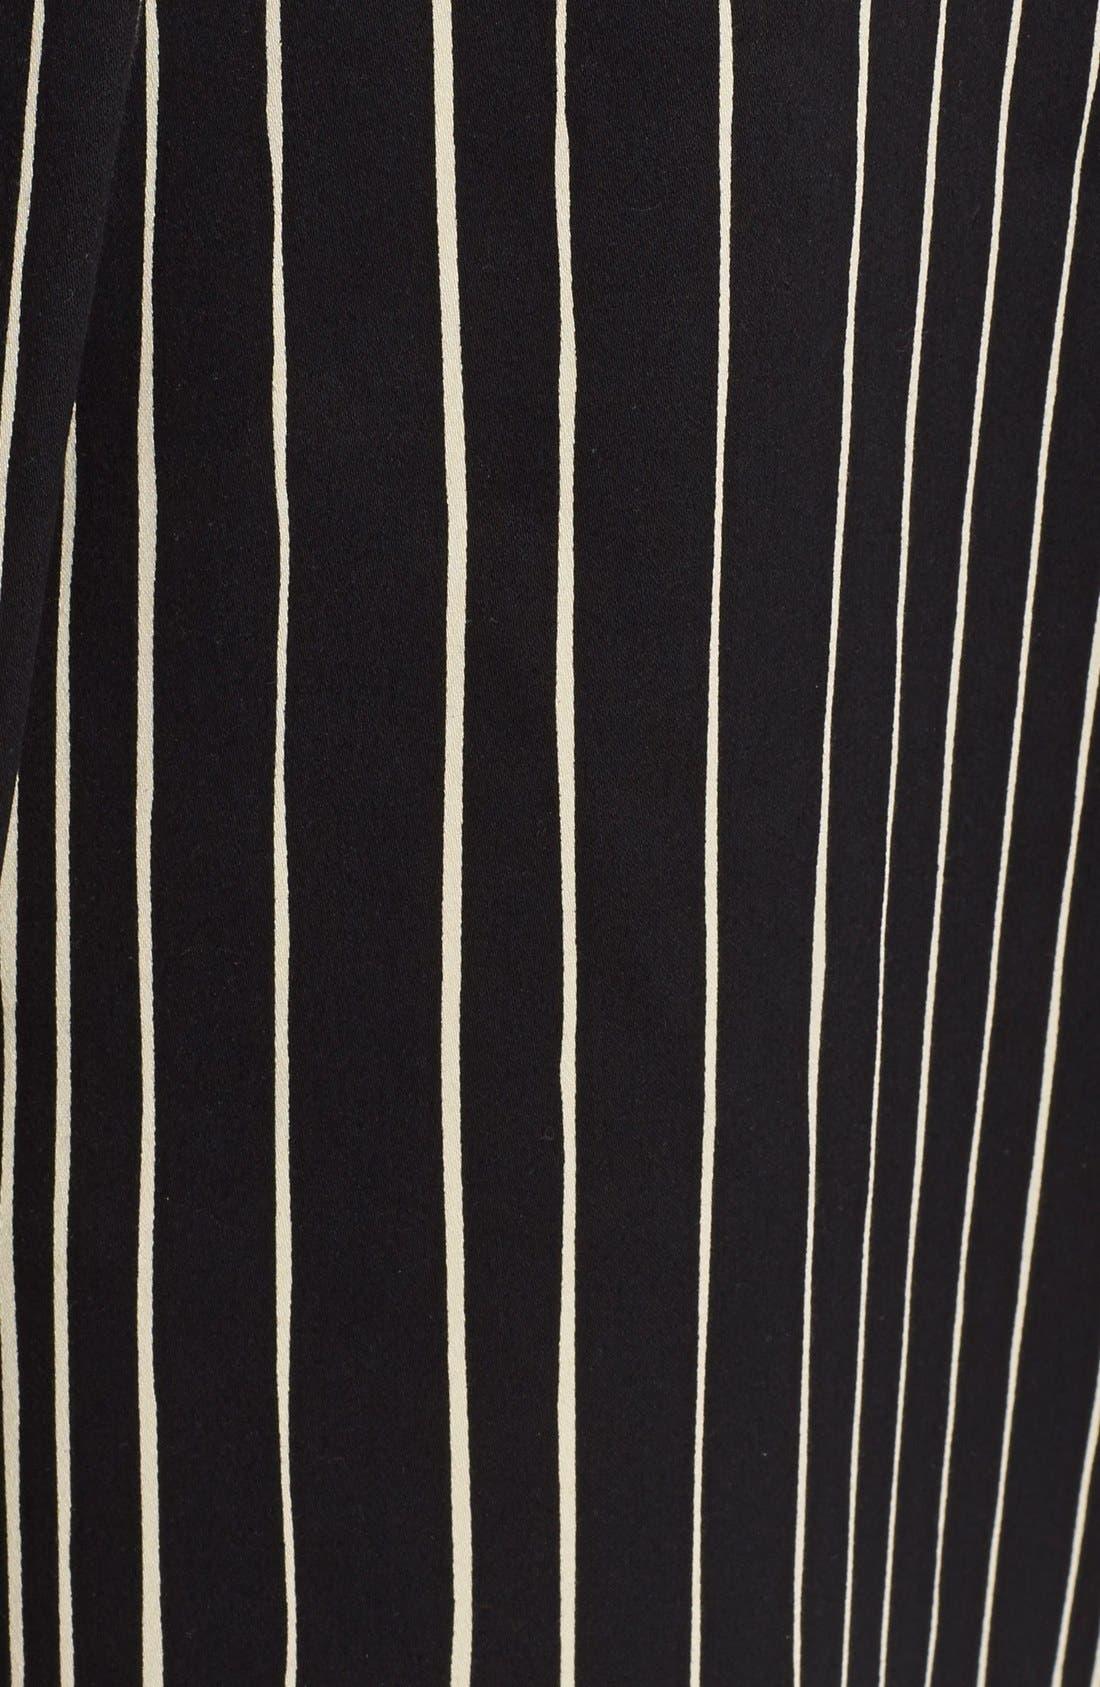 'Libby' Stripe Flared Skirt,                             Alternate thumbnail 5, color,